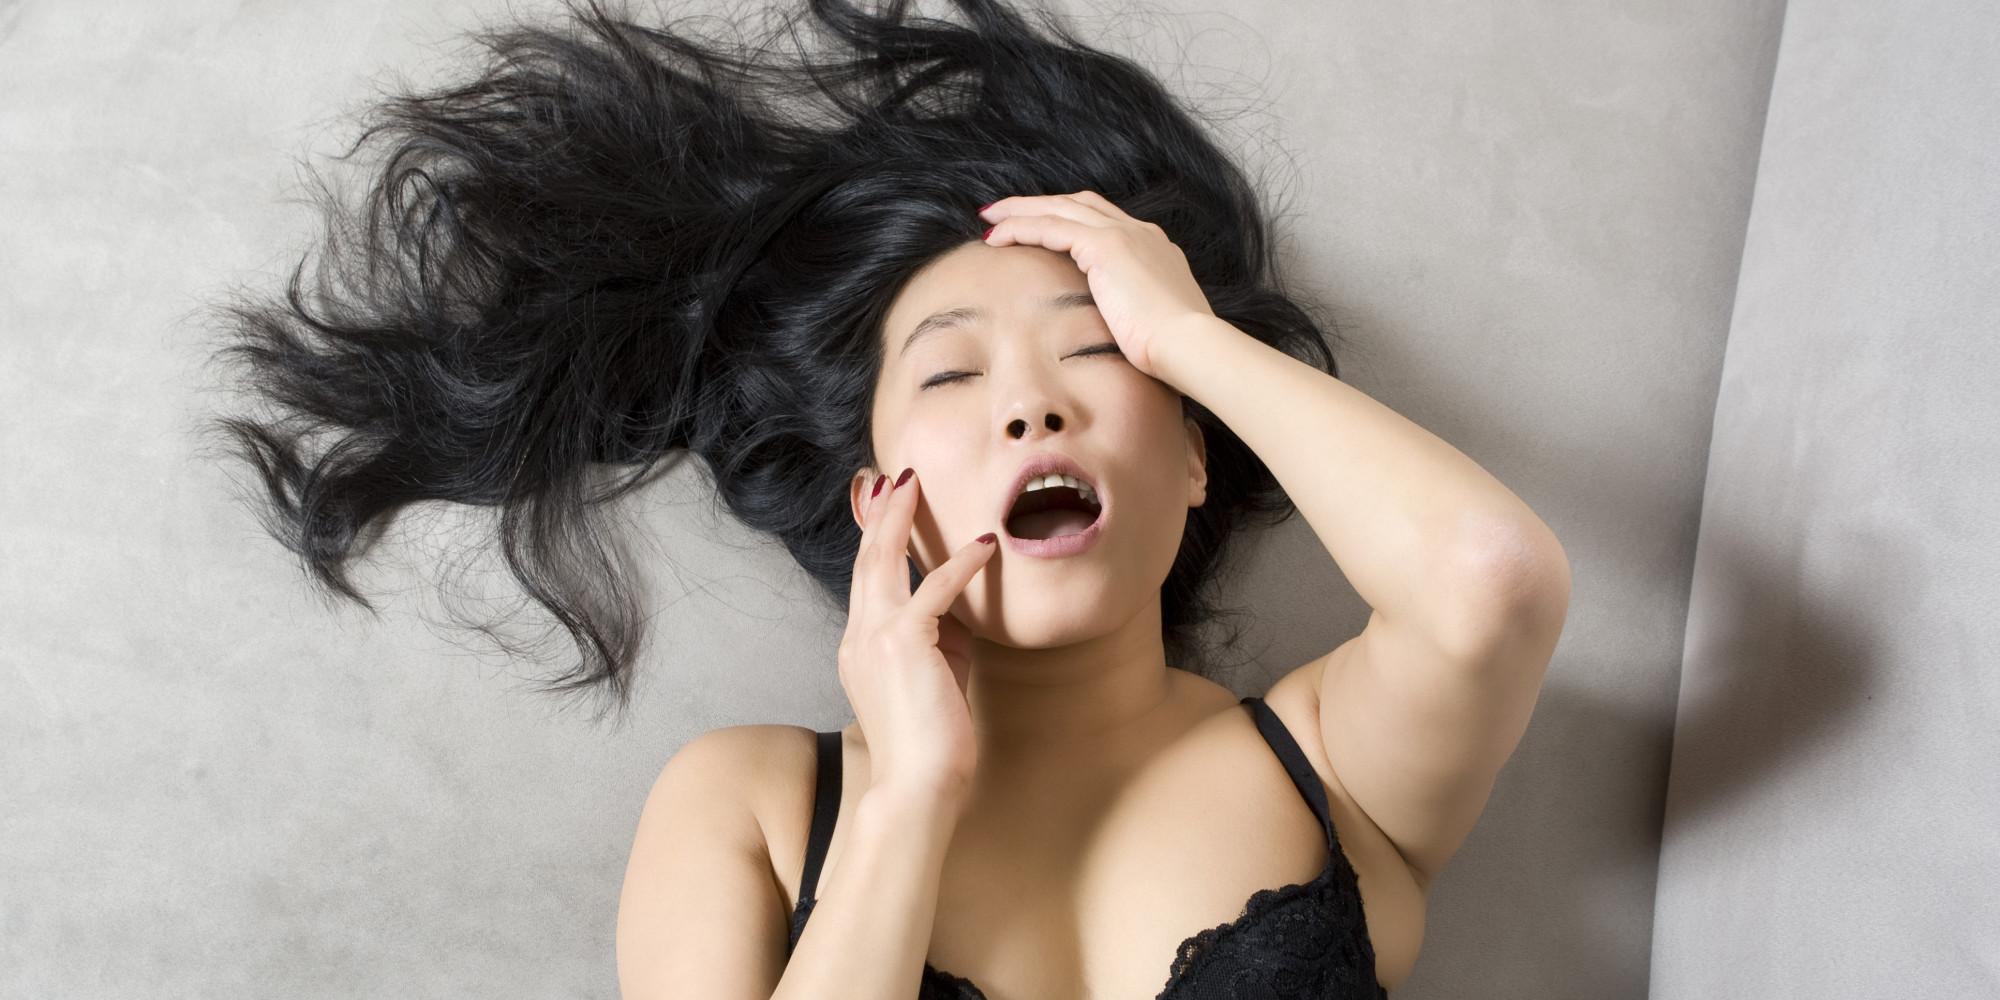 girl orgasm